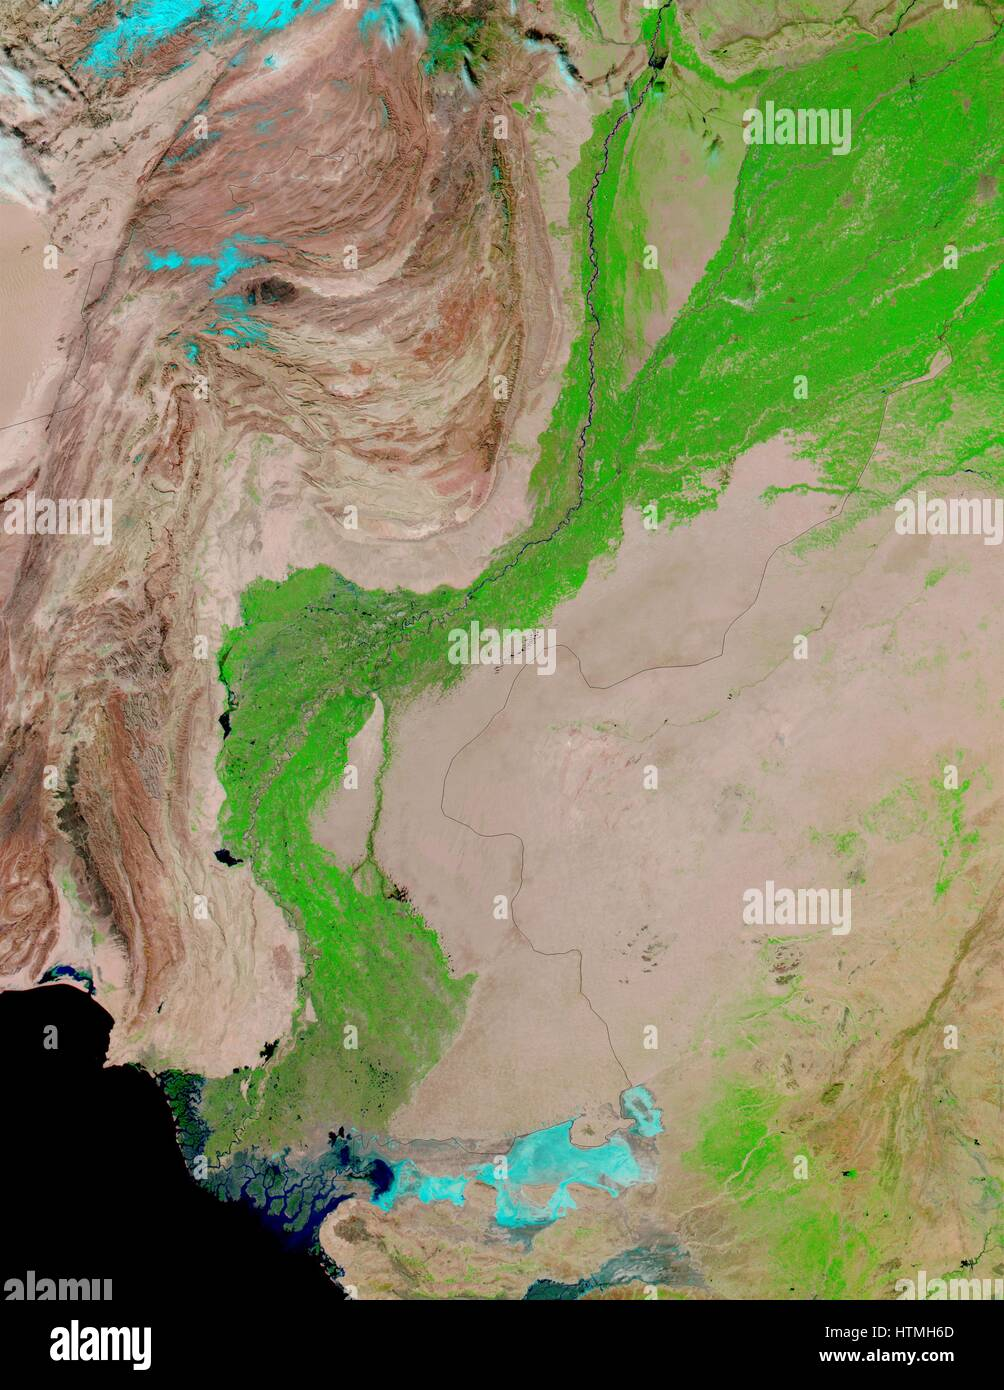 False-Farbbilder verfügen über den Indus River Valley, eine Oase der Vegetation ermöglicht durch Stockbild